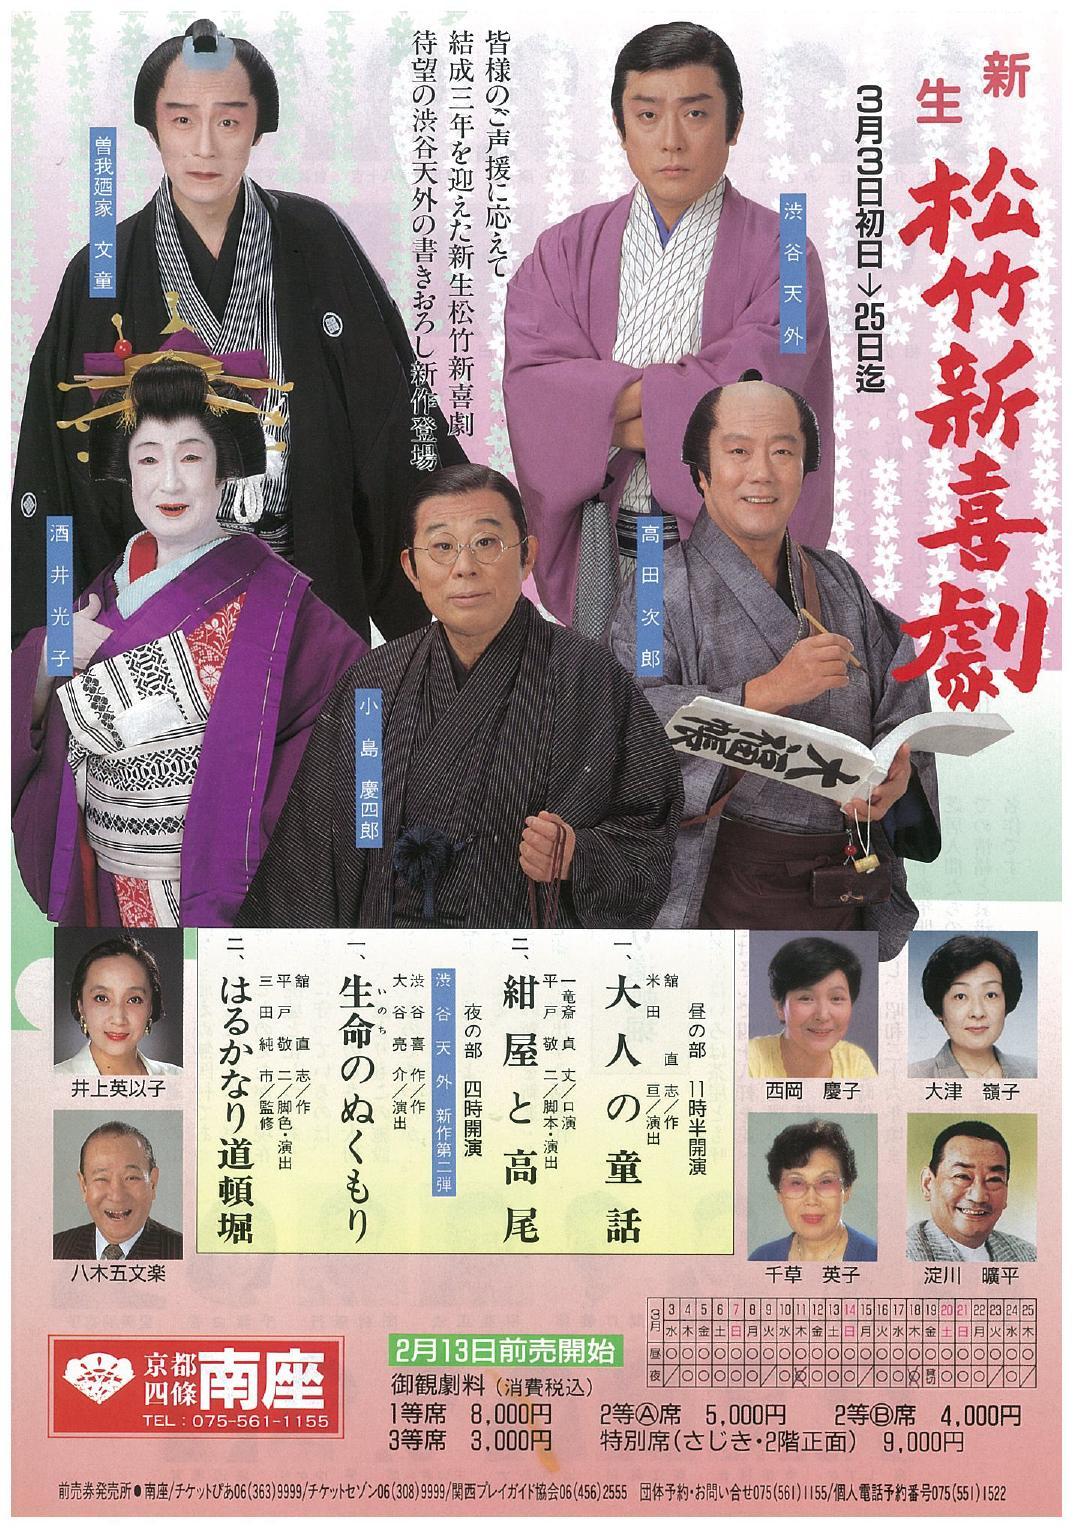 【南座】新生松竹新喜劇